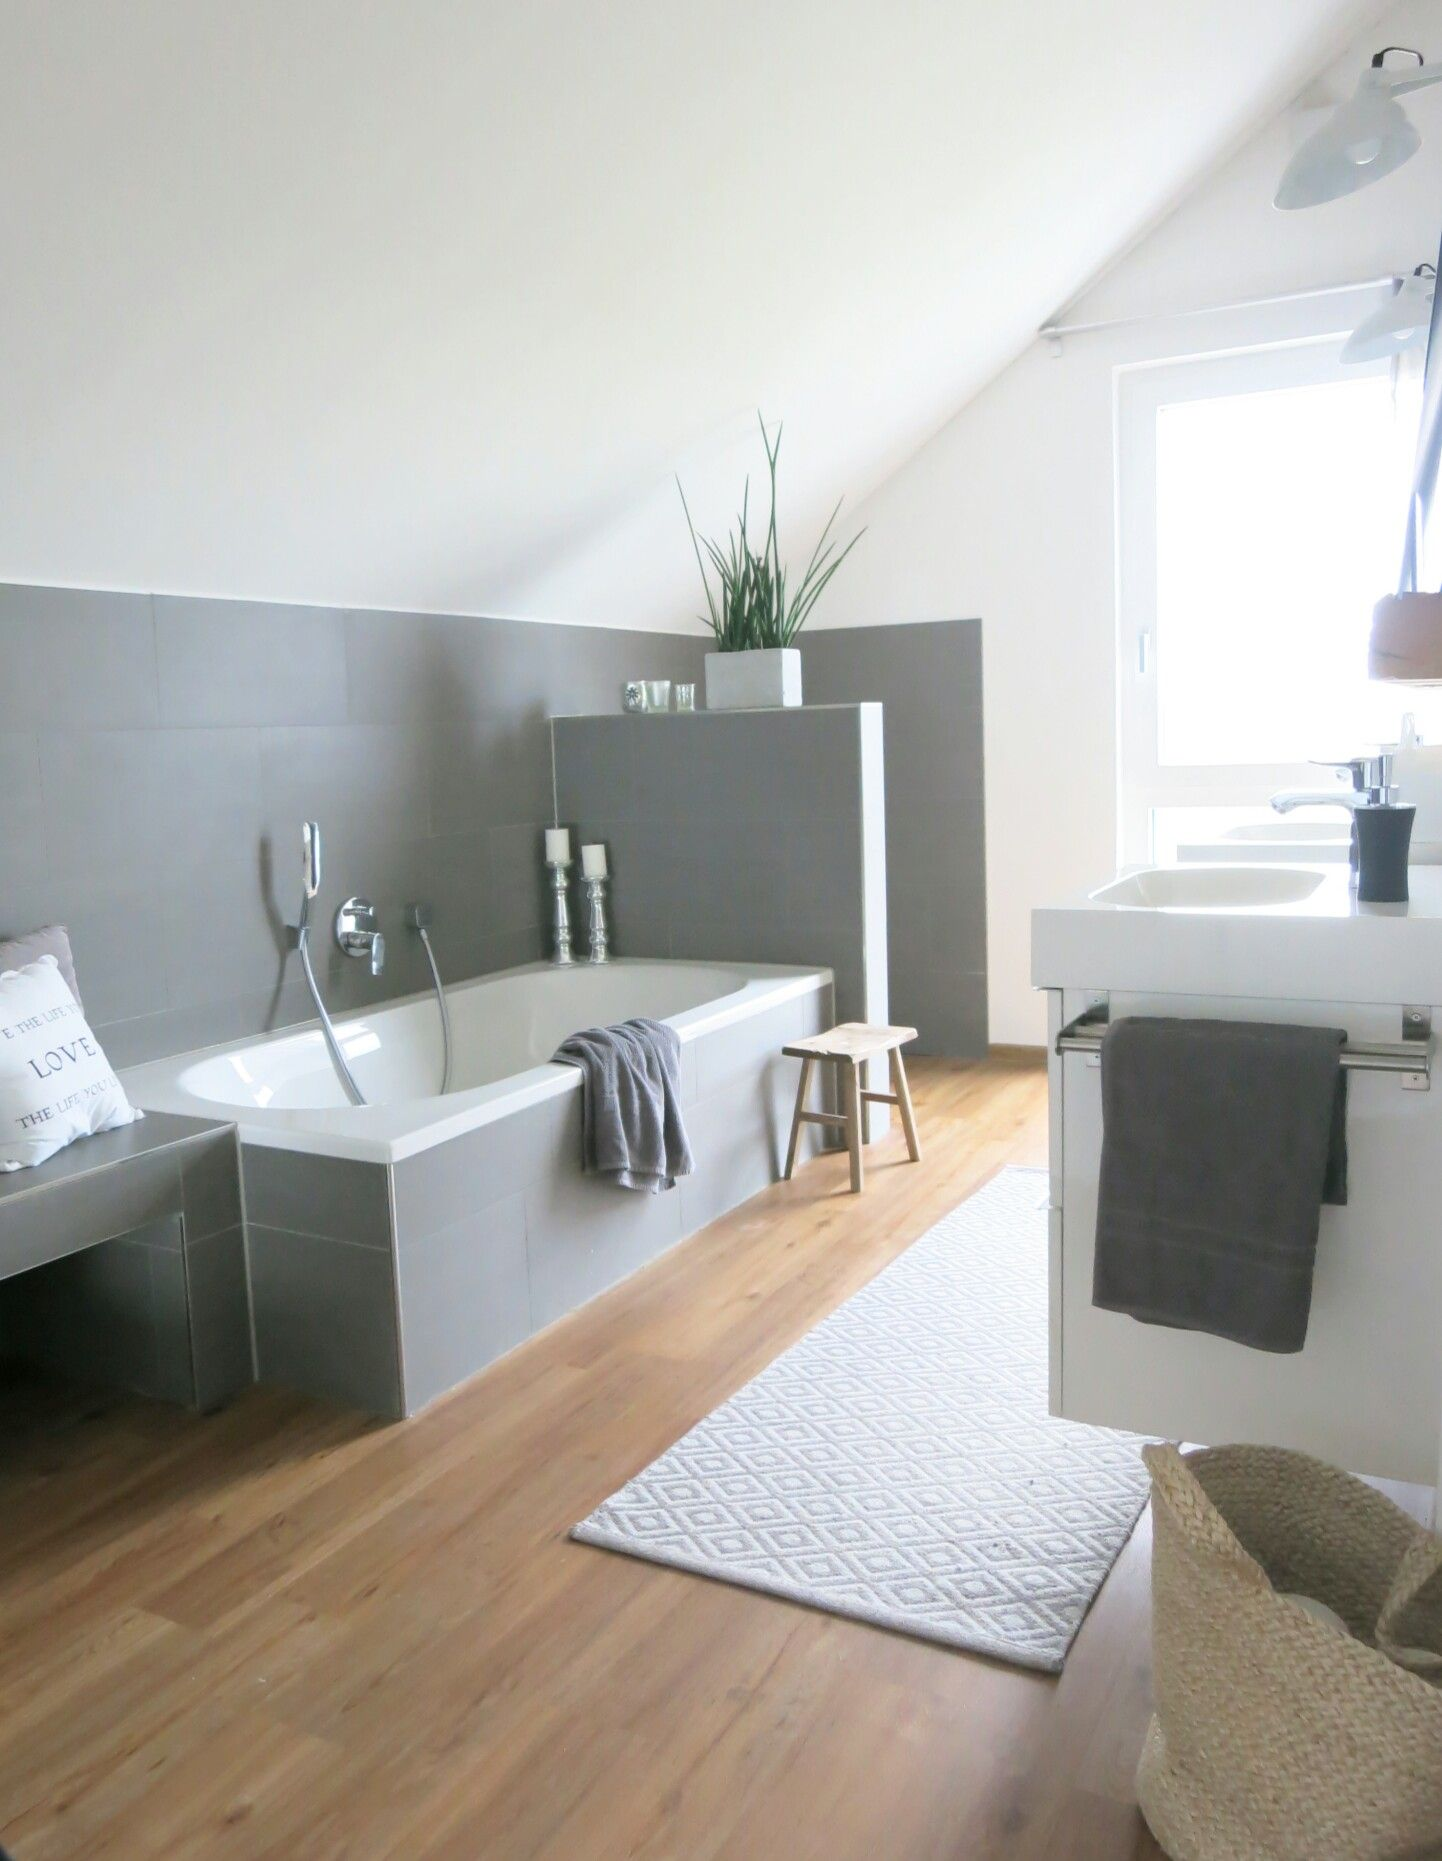 modernes badezimmer mit holz und beton badezimmer wohnen. Black Bedroom Furniture Sets. Home Design Ideas